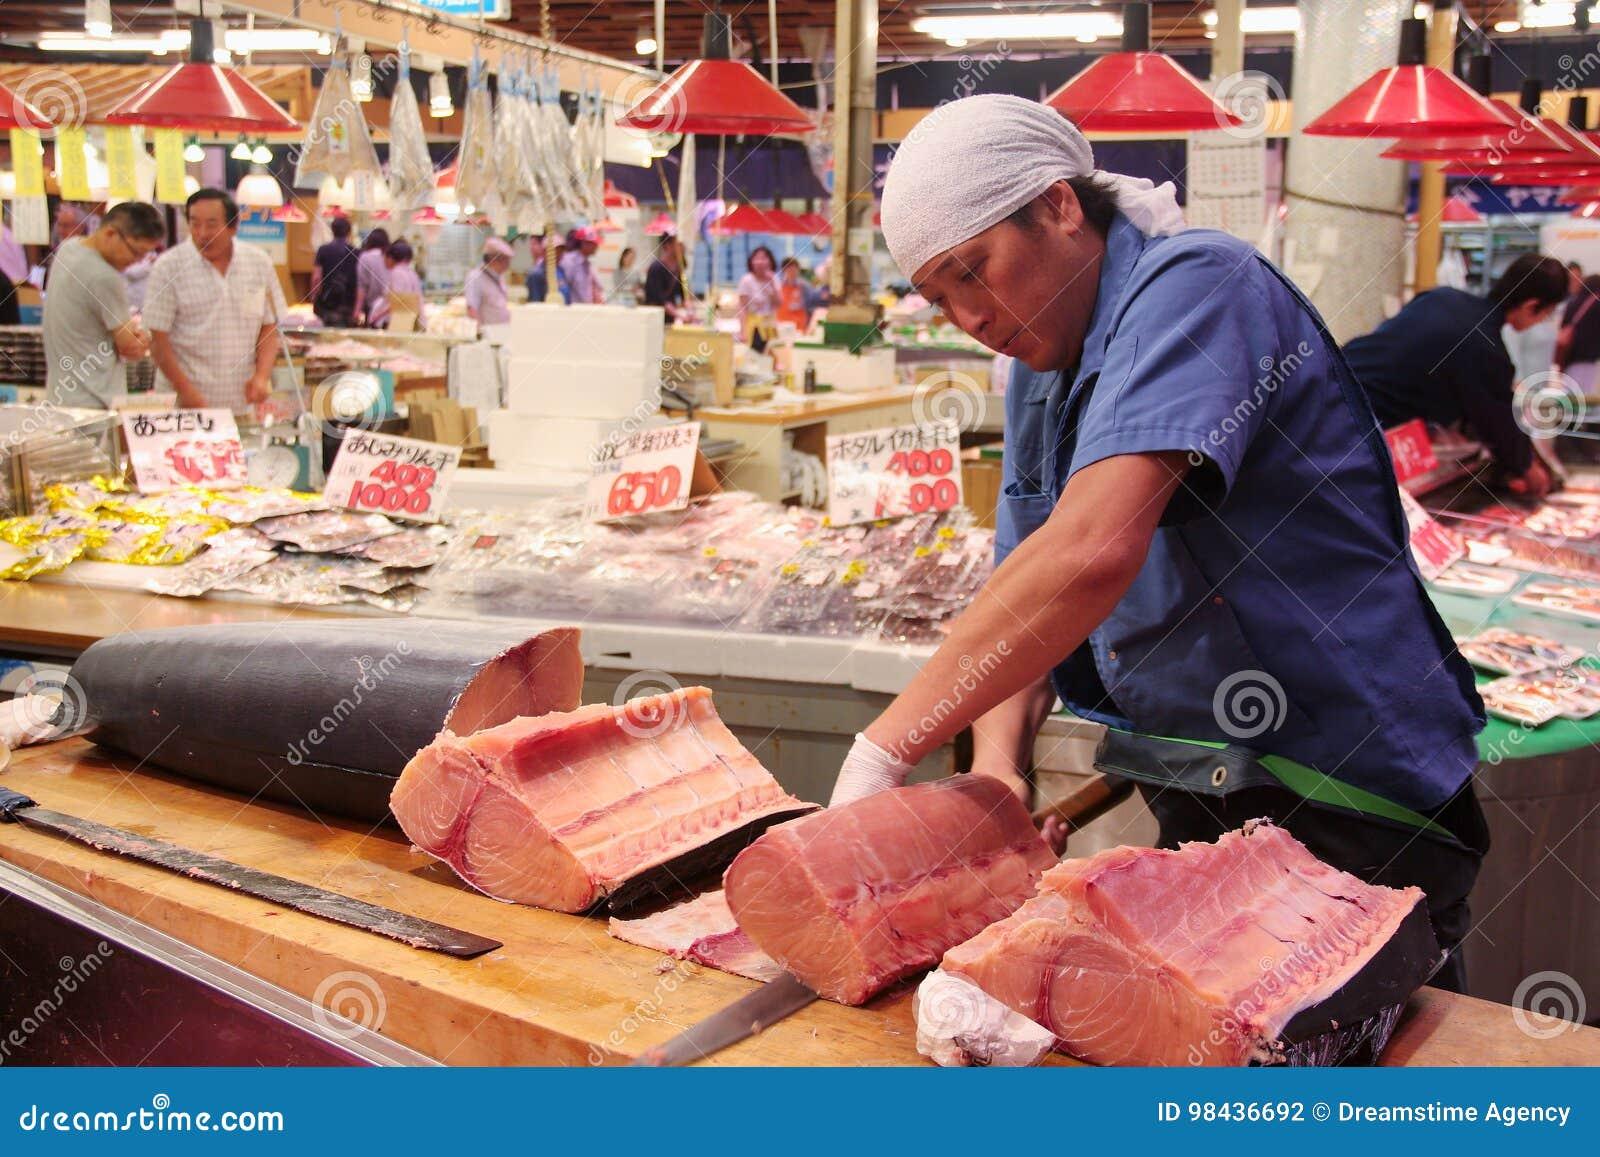 Händlerausschnitt und filetting Schwertfischfleisch Omi-cho im Markt Kanazawa Japan